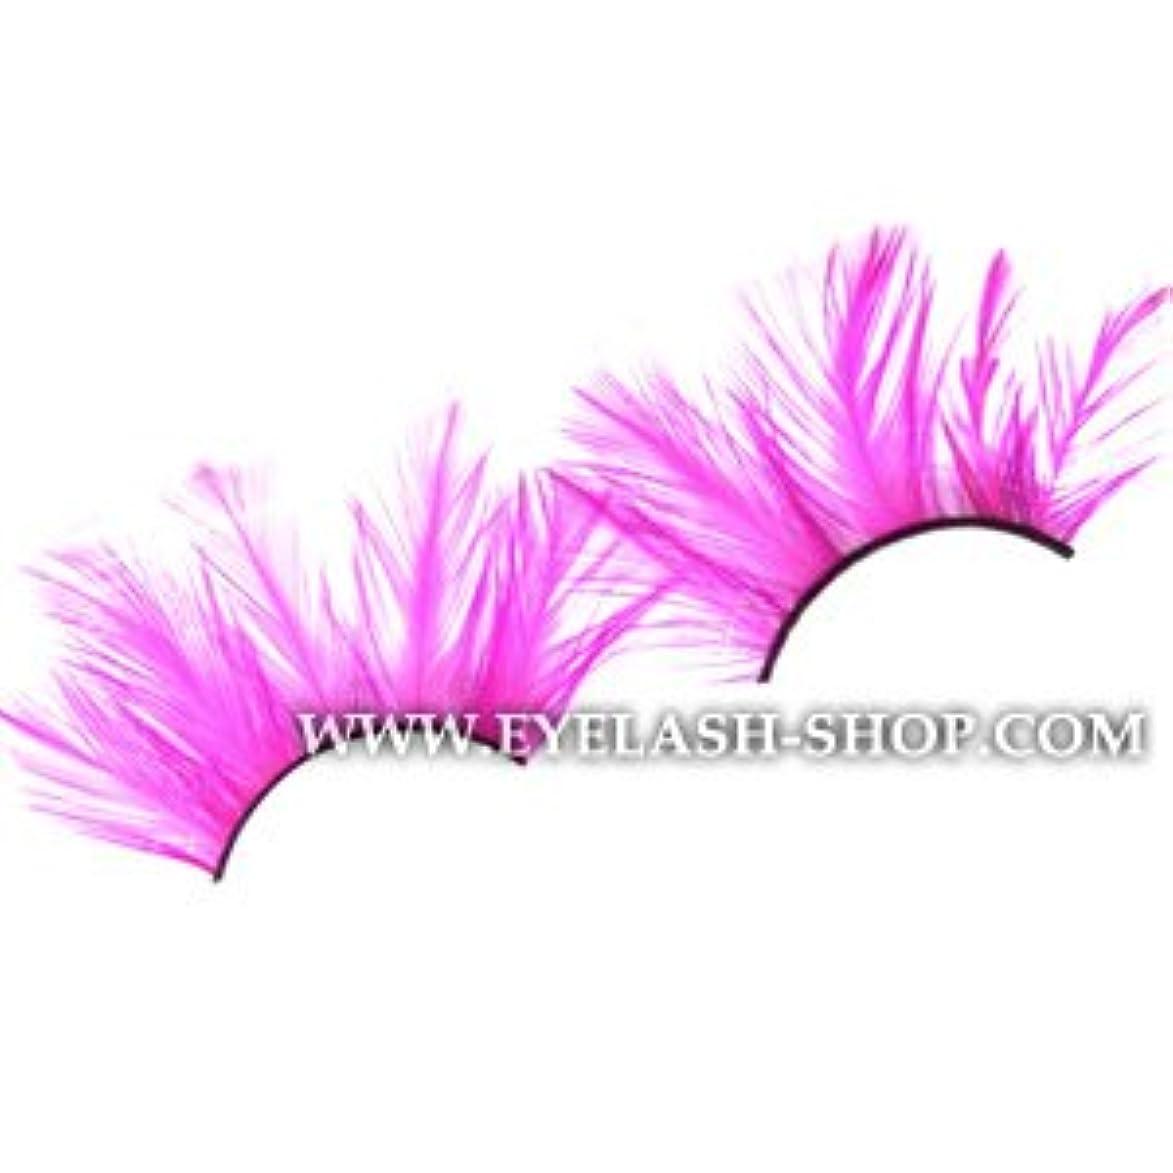 コンテンポラリー植物のカートンETY-502 つけまつげ 羽 ナチュラル つけま 部分 まつげ 羽まつげ 羽根つけま カラー デザイン フェザー 激安 アイラッシュ